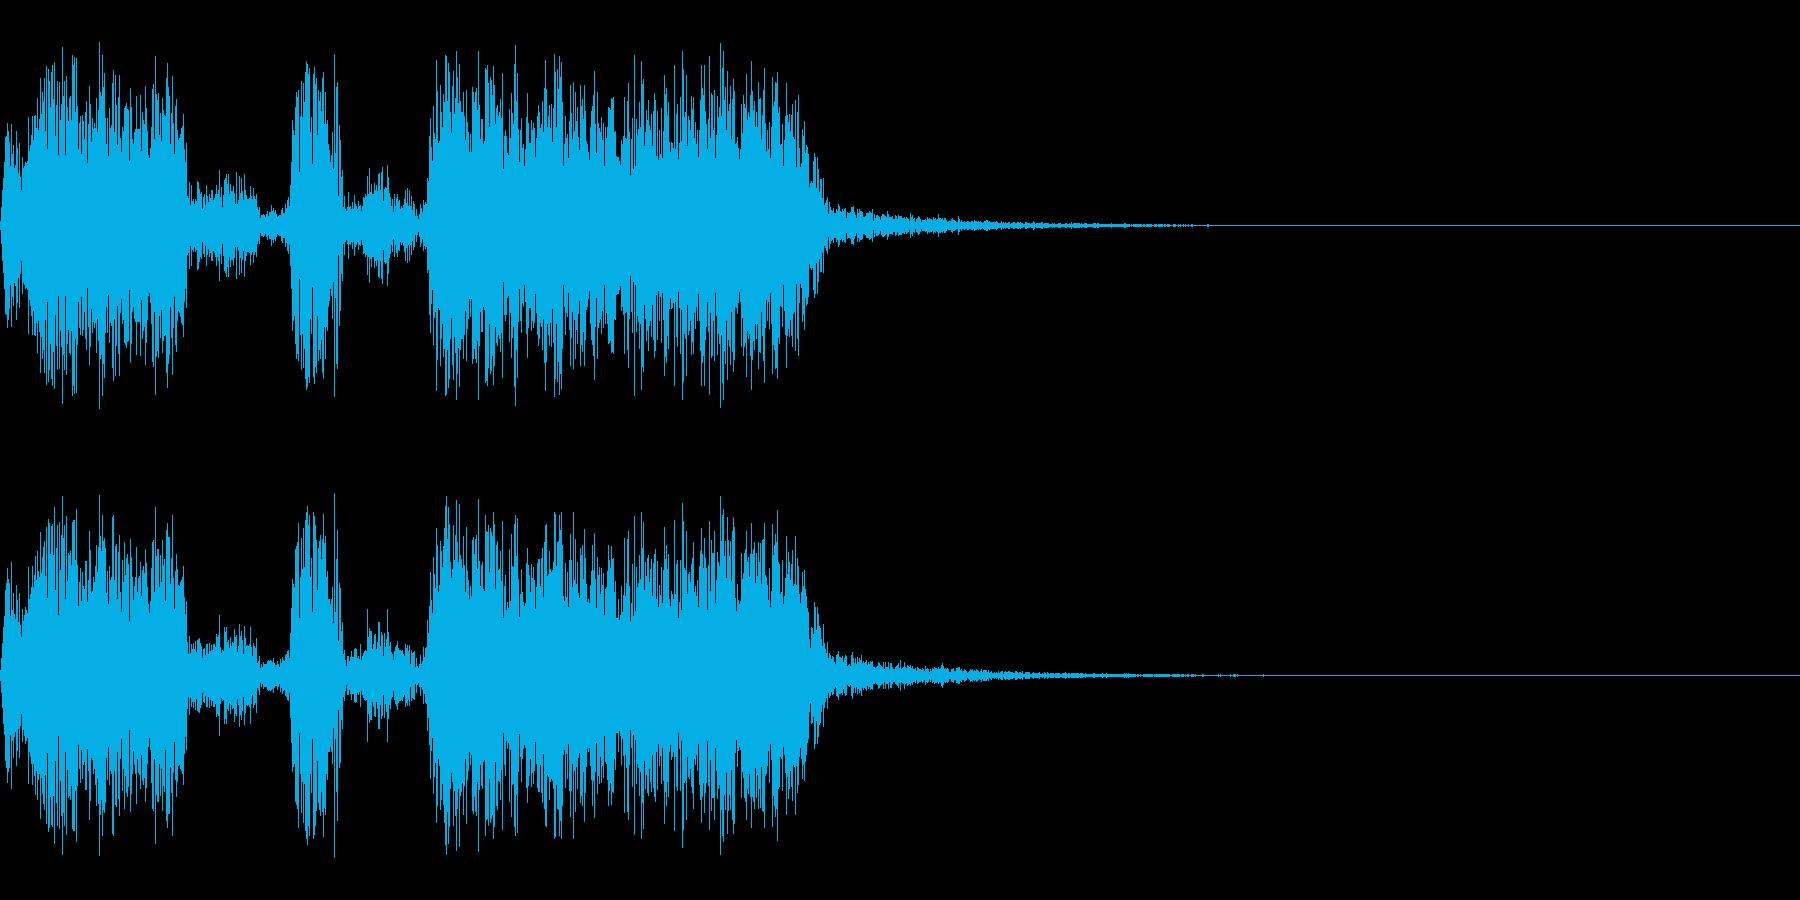 スパーク音-47の再生済みの波形